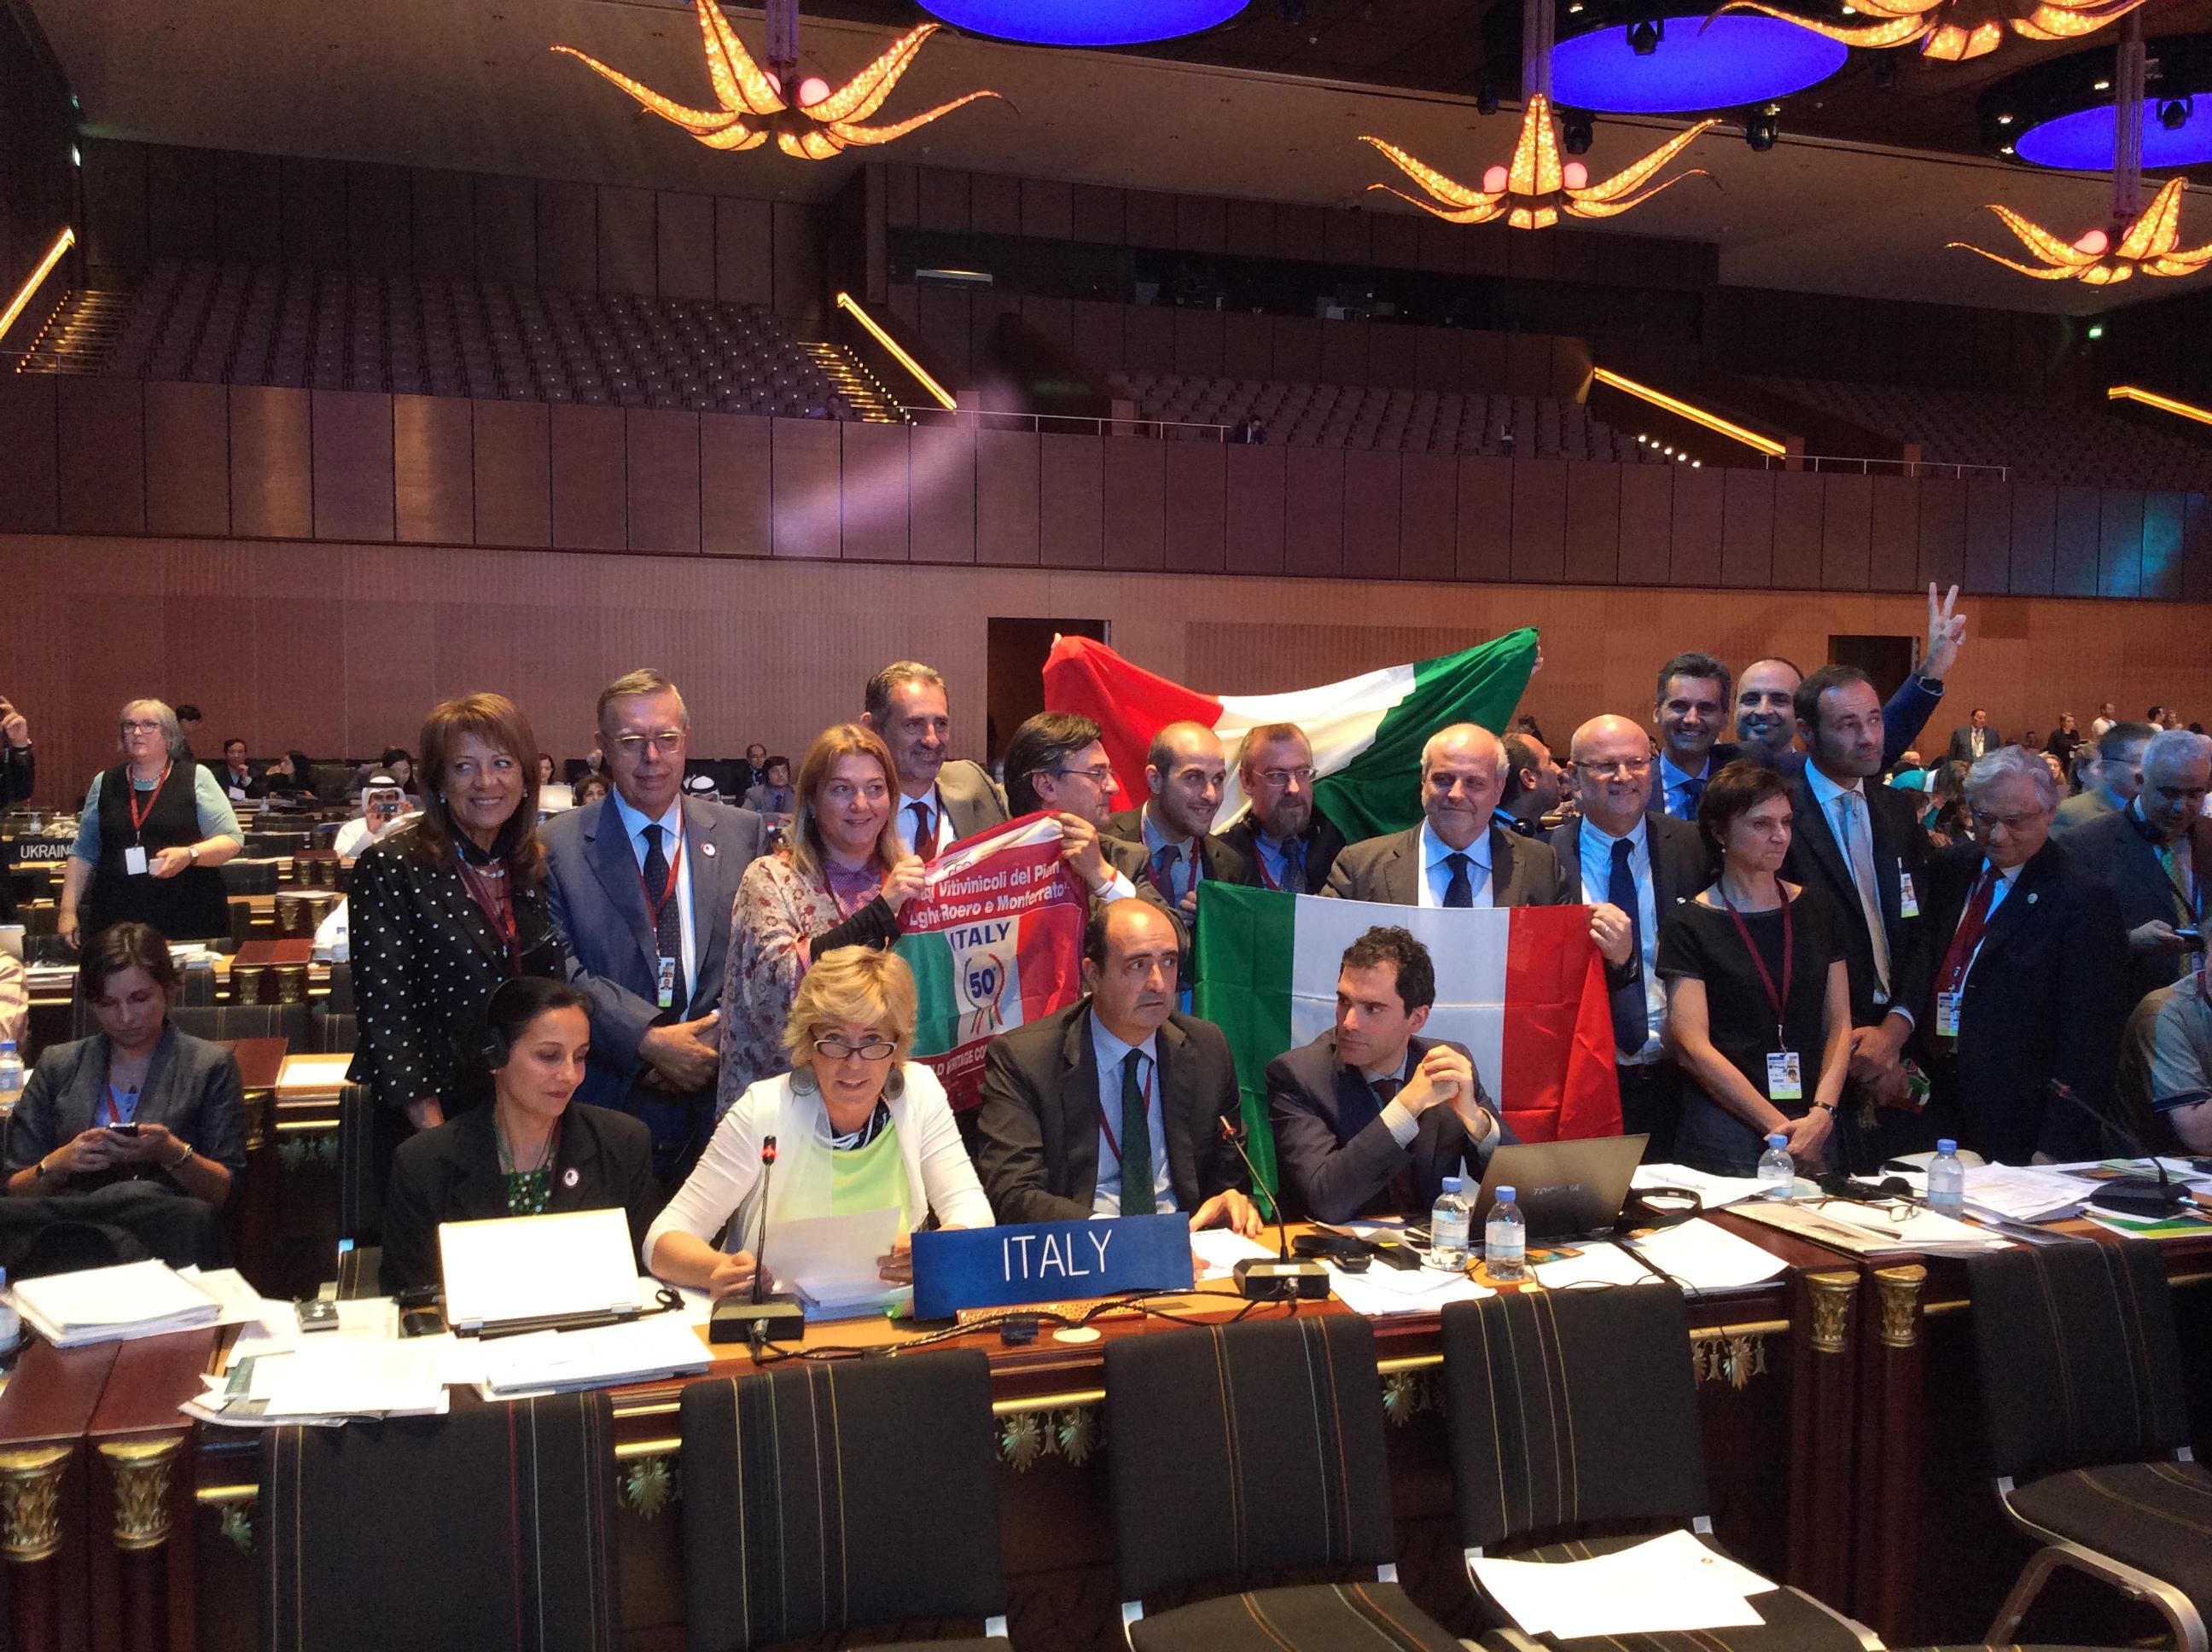 Nella foto di Marco Scuderi la delegazione italiana in festa a Doha